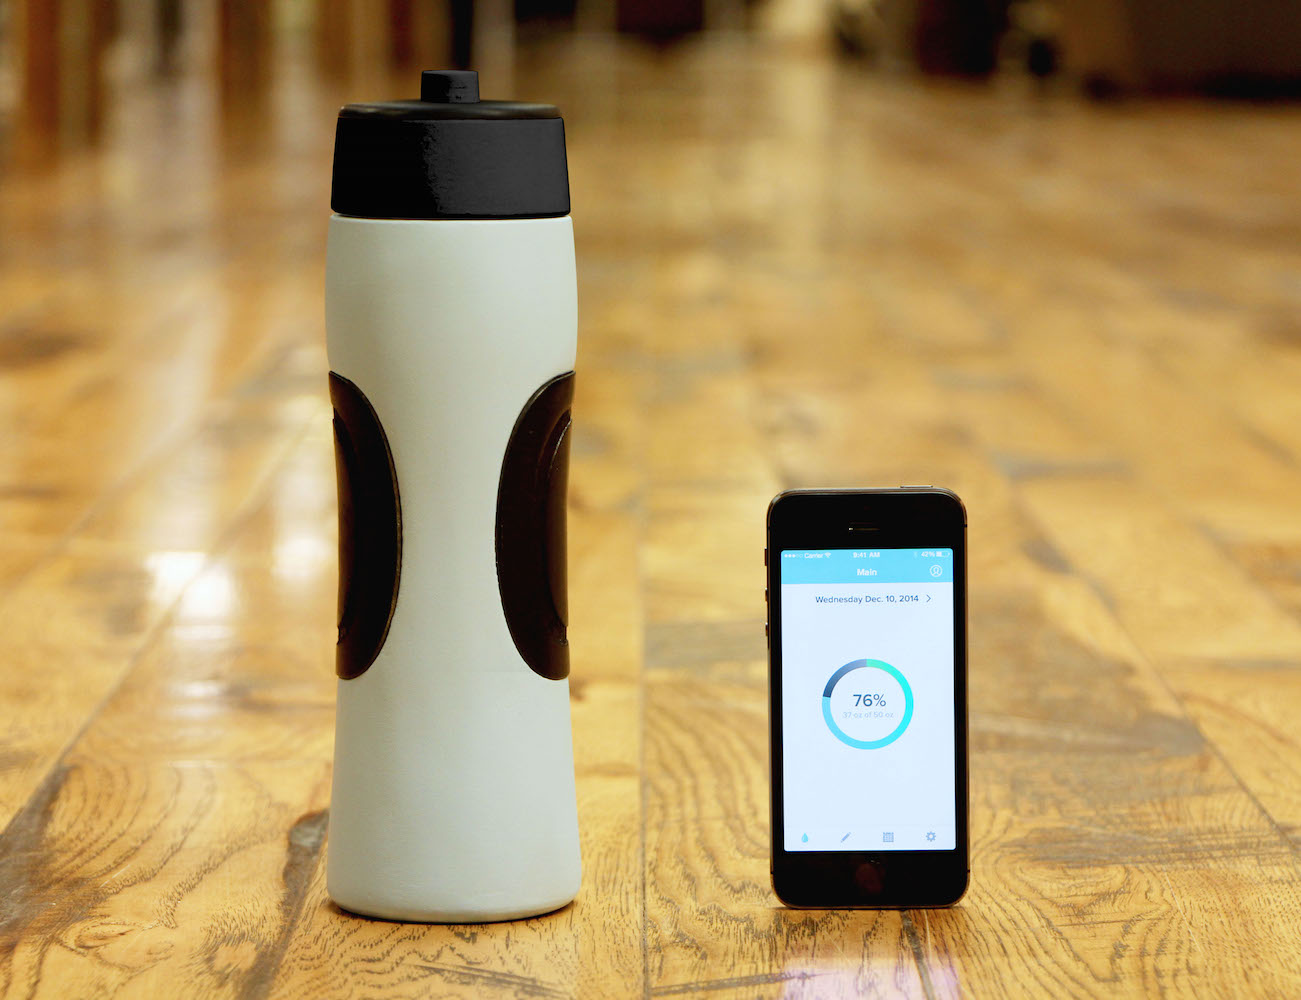 Meet ORKA – The Smart Water Bottle